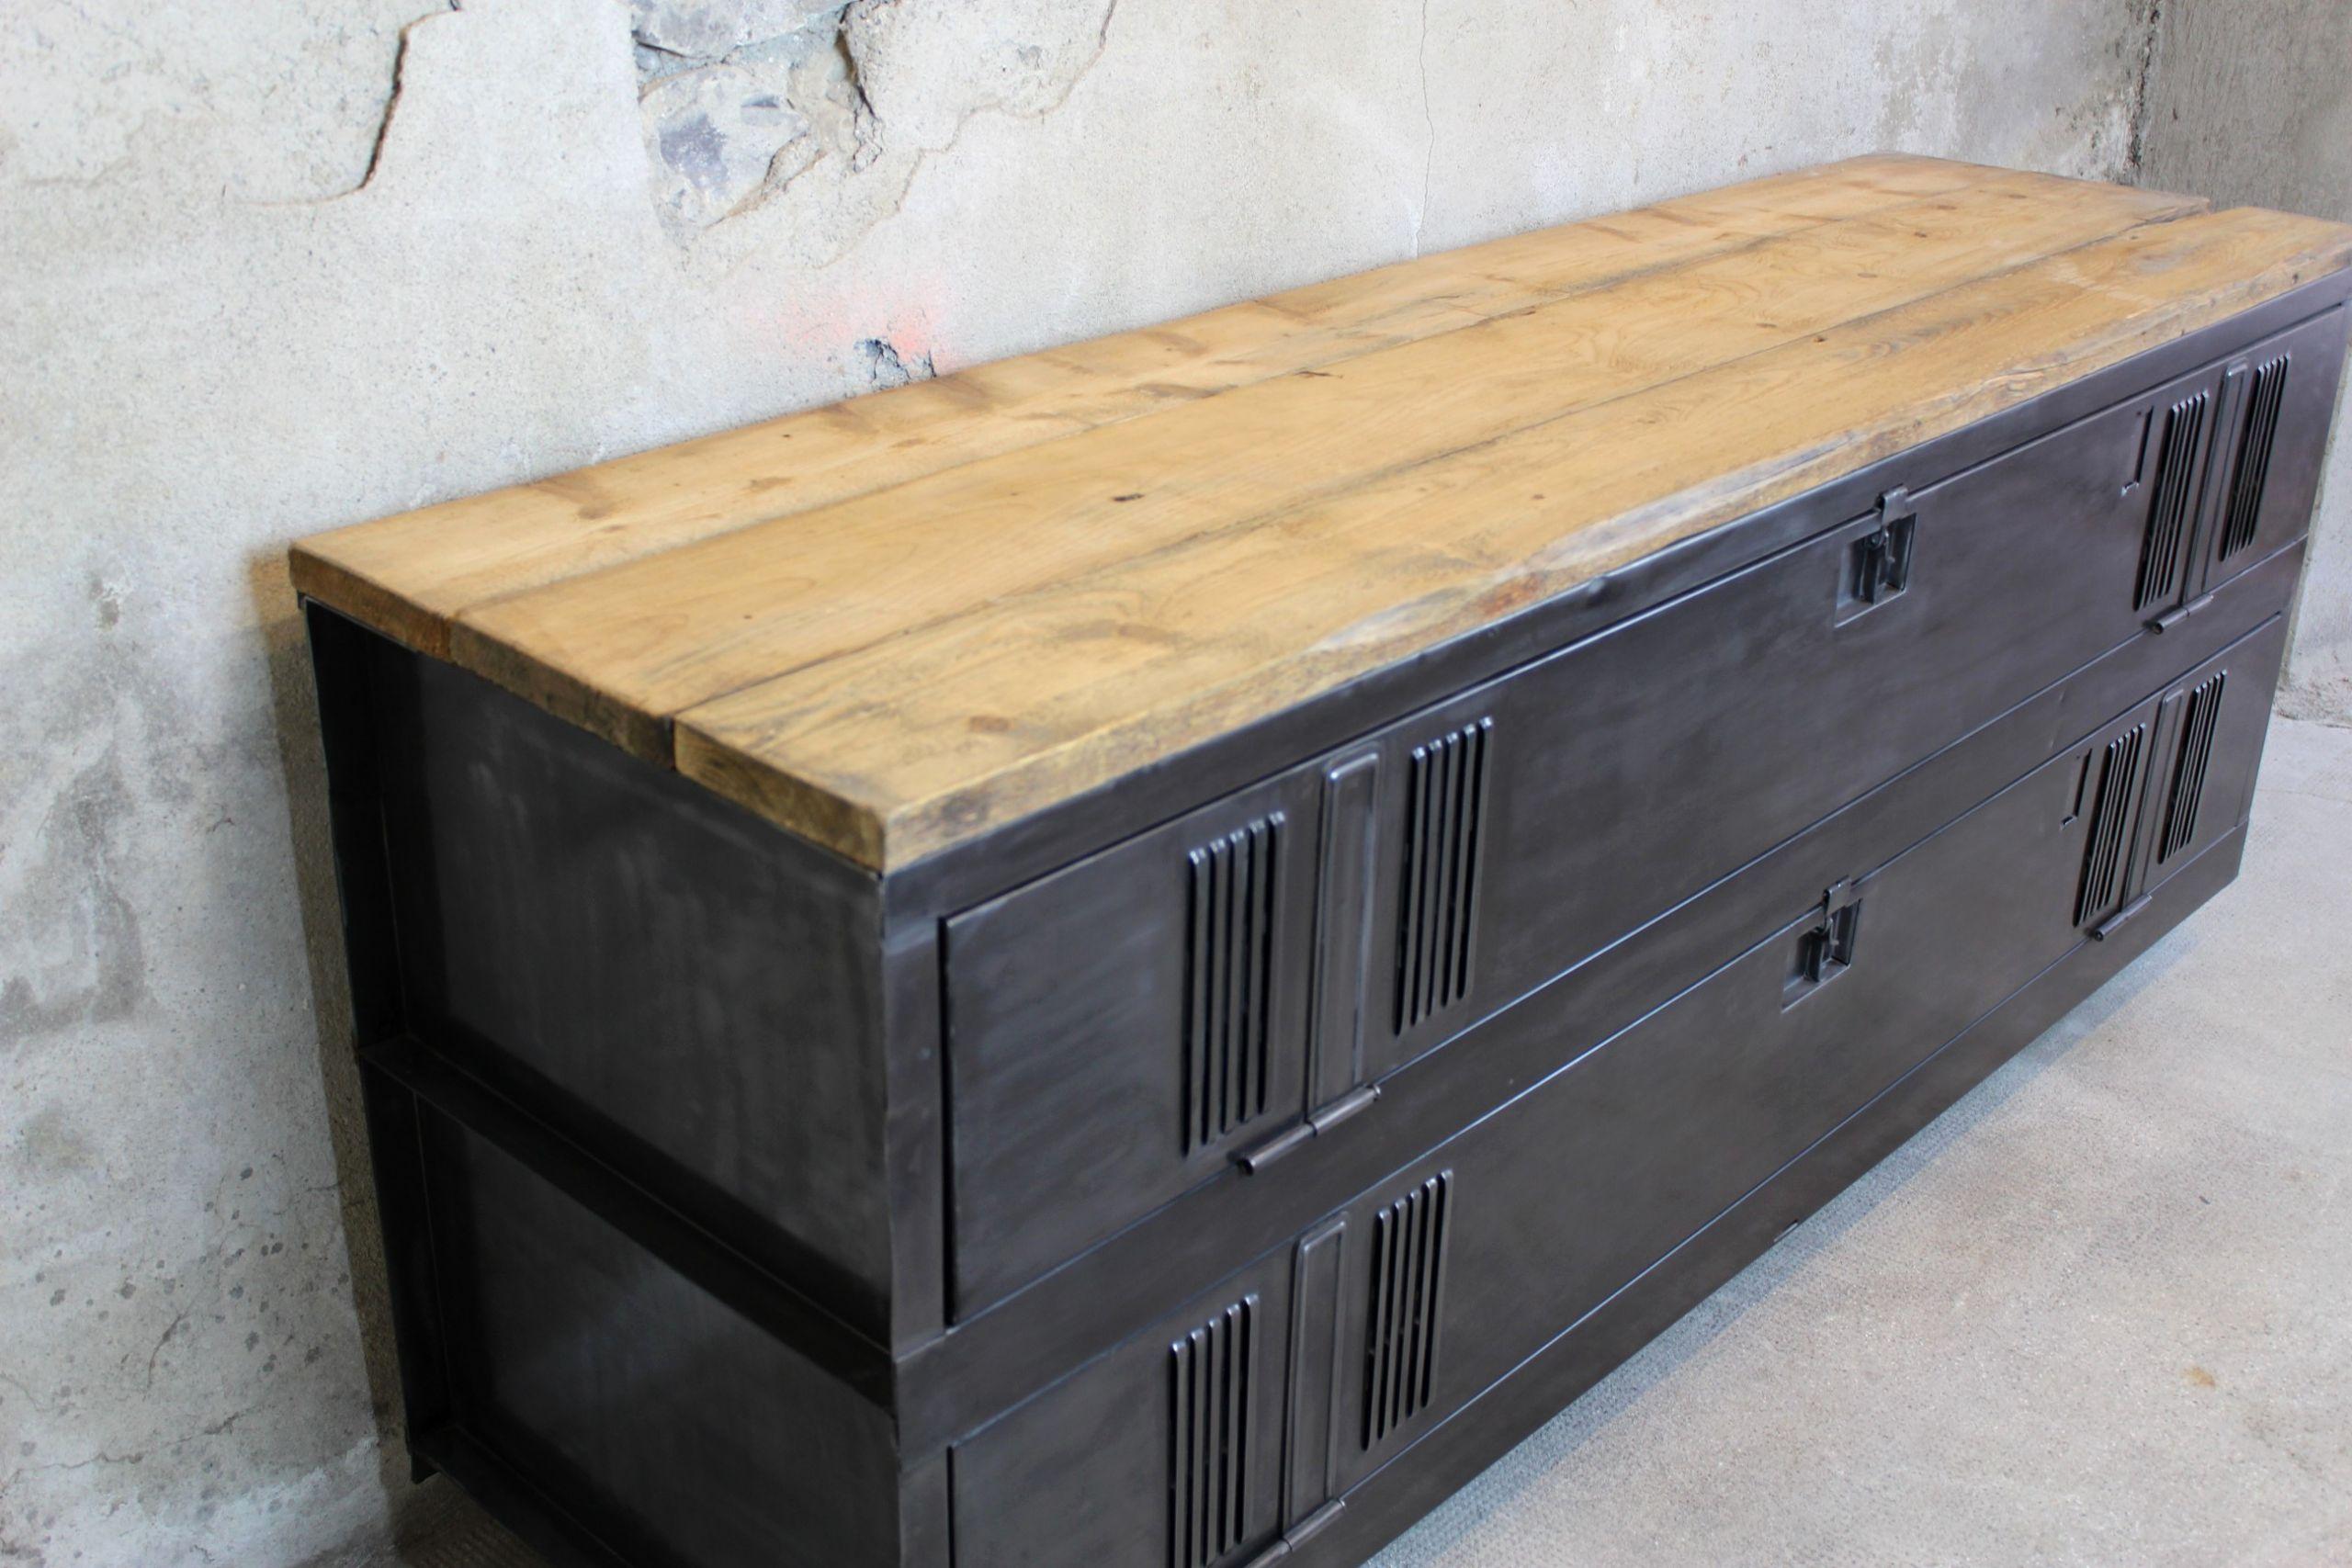 meuble bois palissandre beau table basse bois exotique beau s meuble tv et table basse of meuble bois palissandre